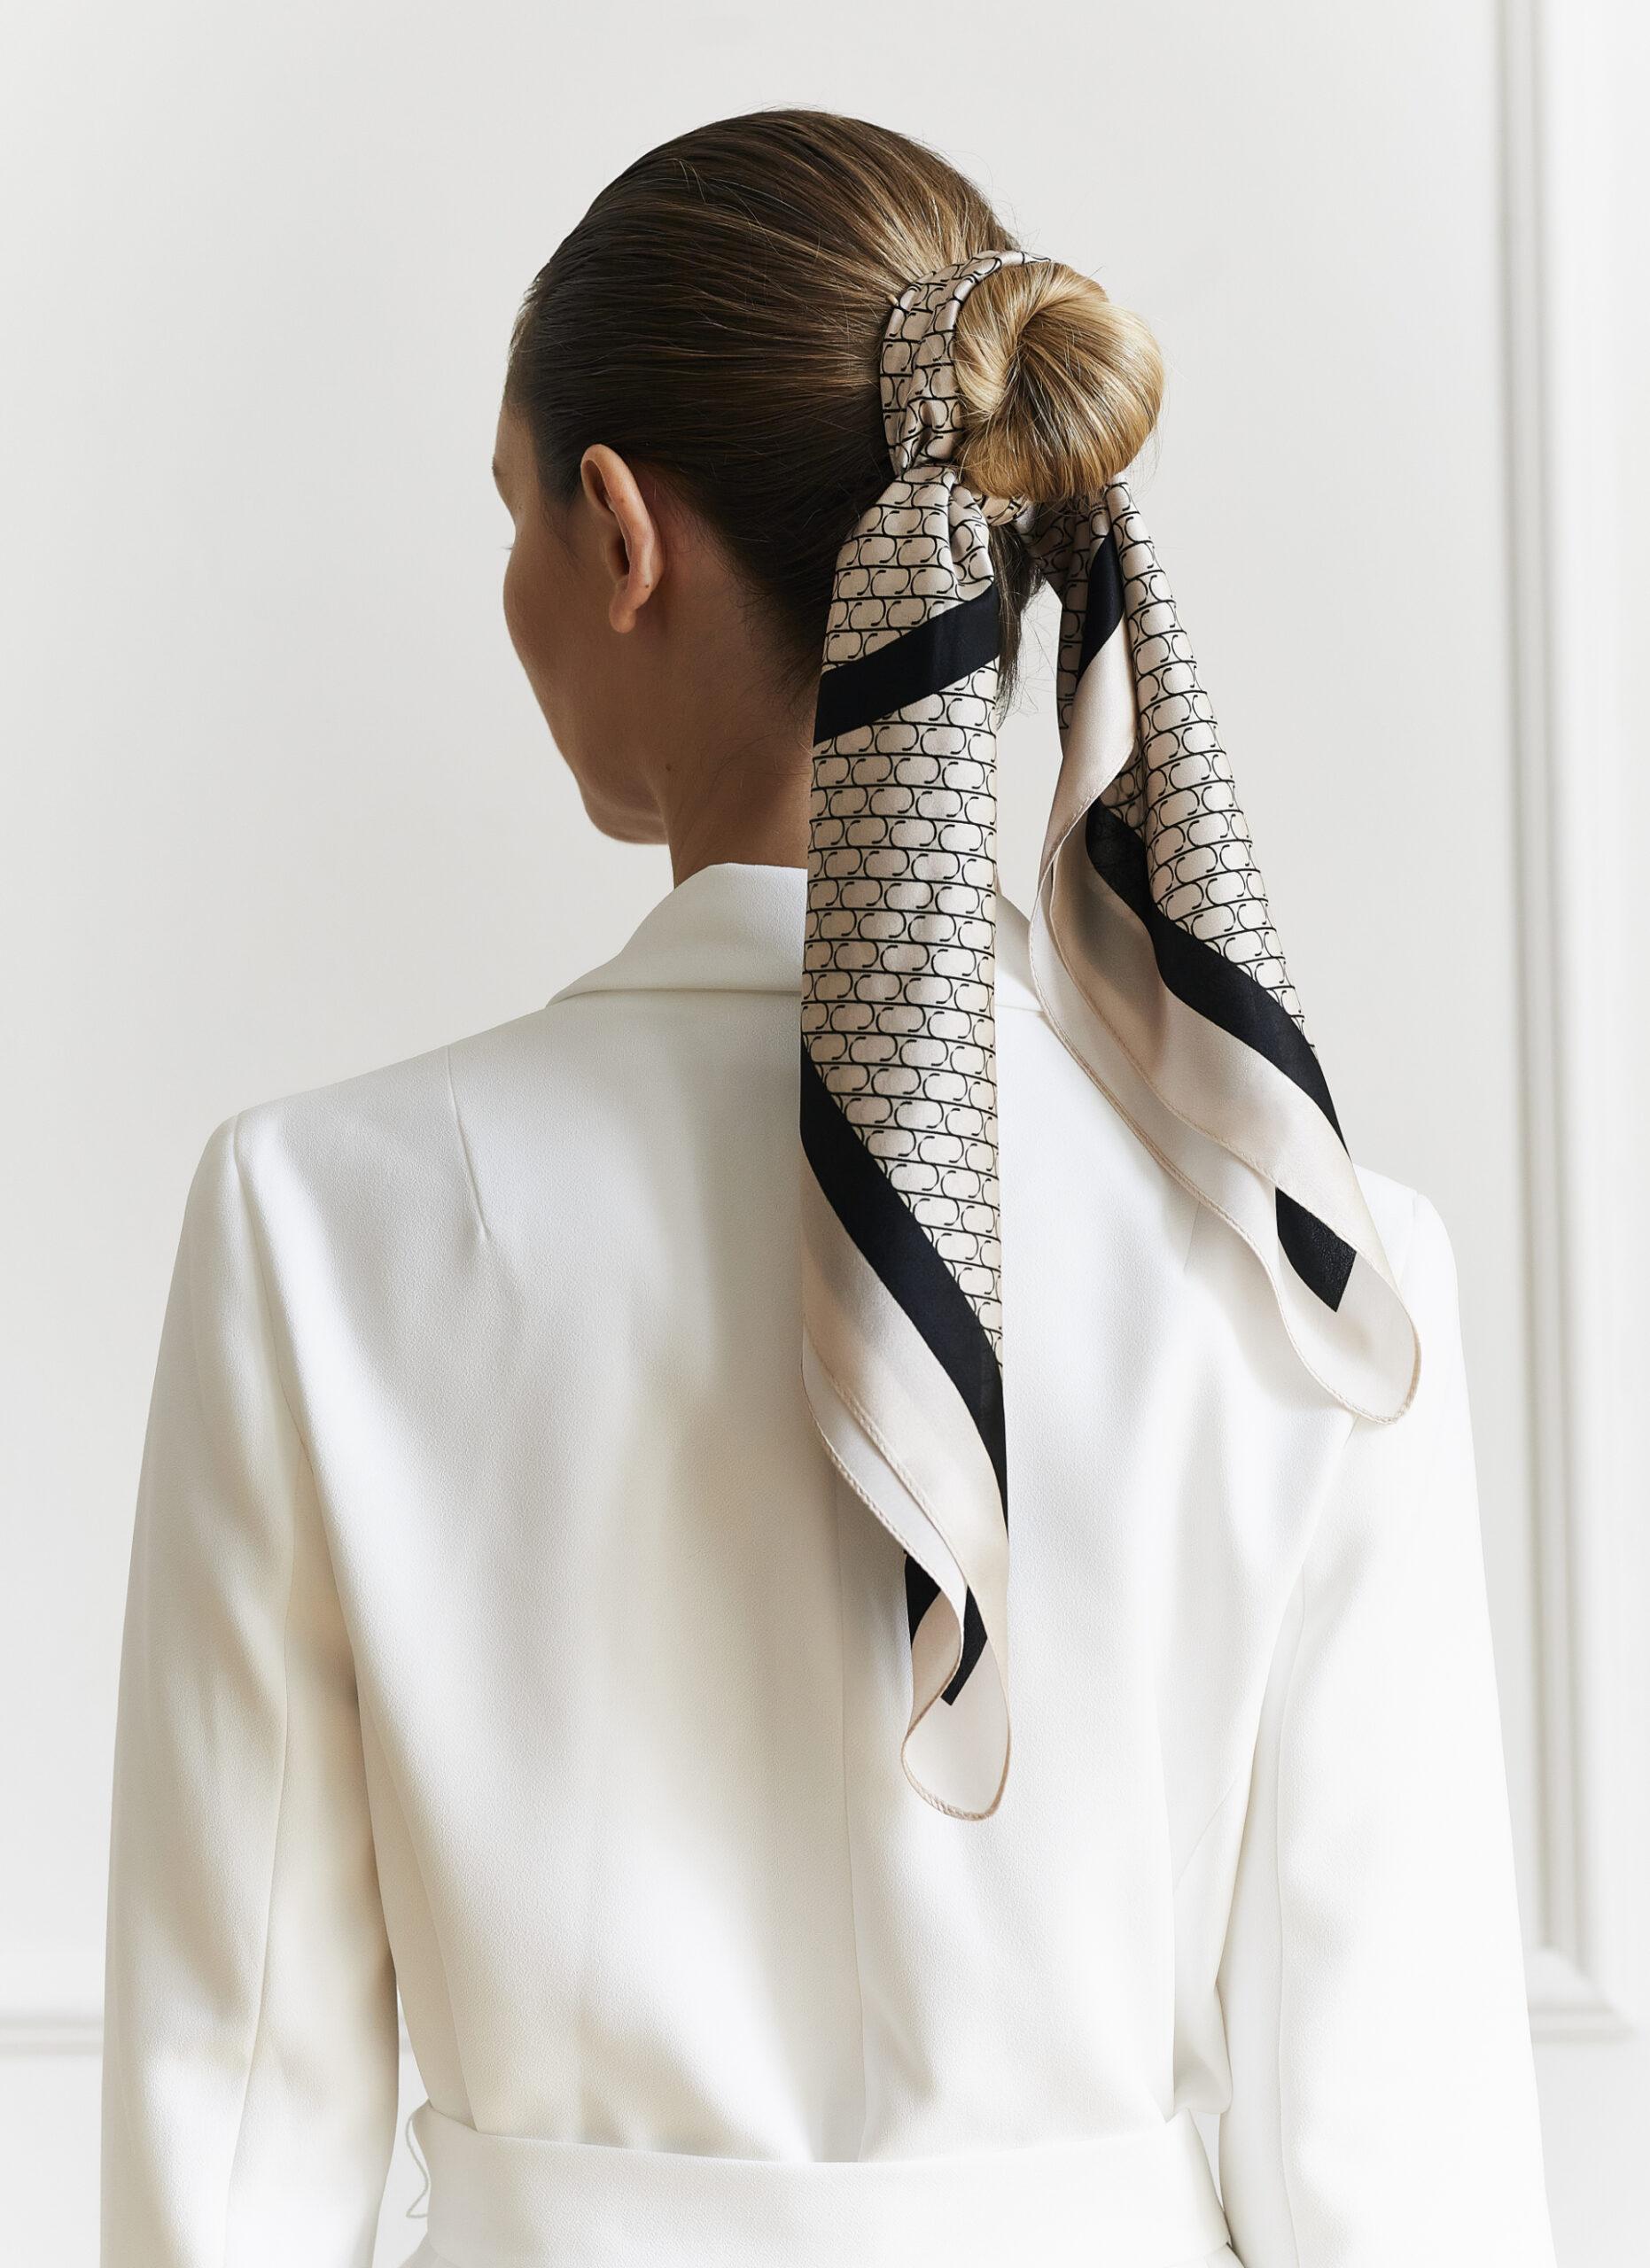 Jedwabna apaszka Sine Silk | CREAM - Sine Silk | JestemSlow.pl